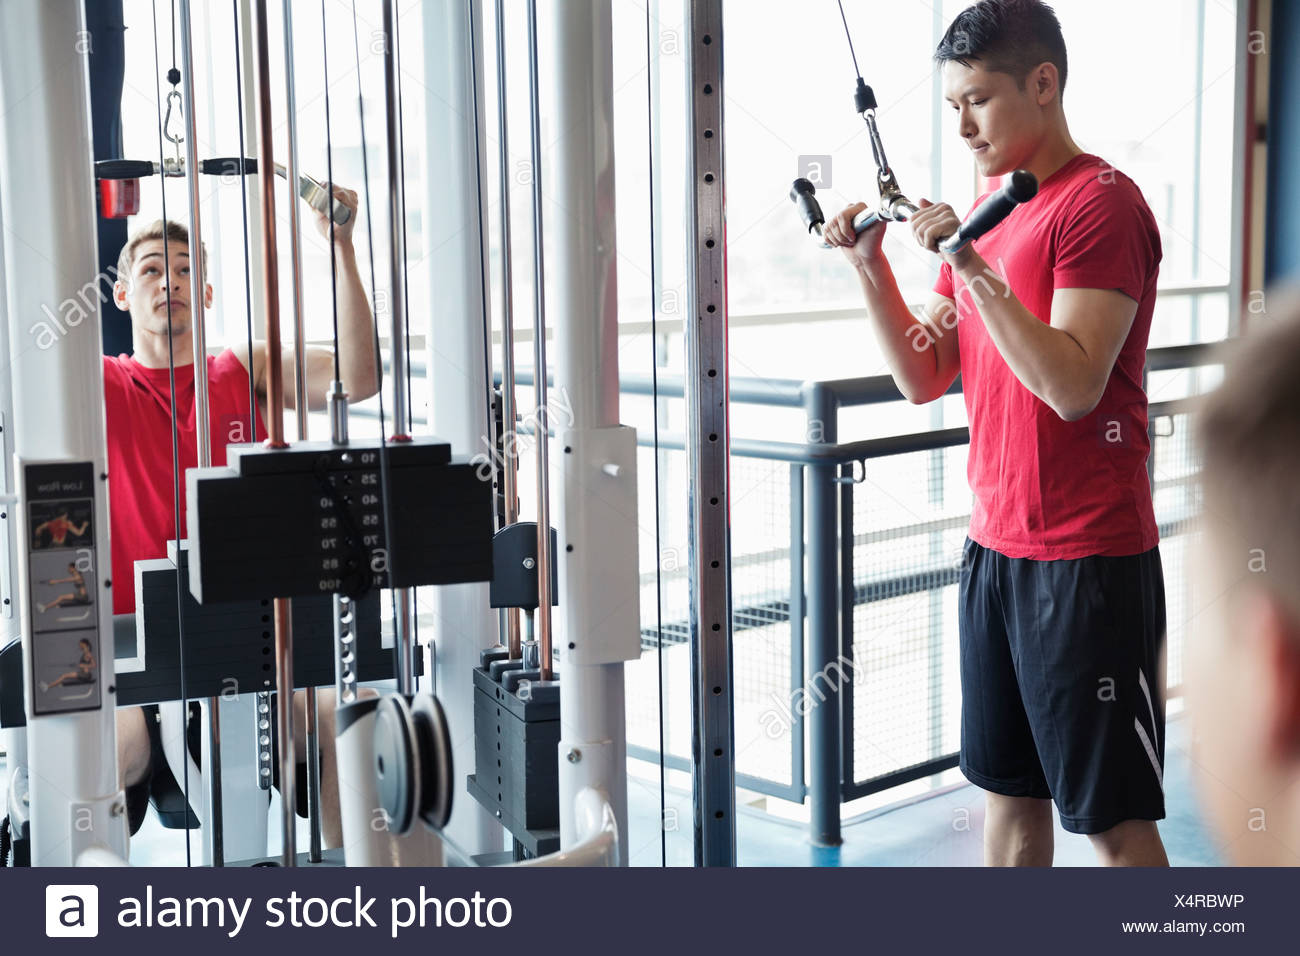 Los hombres usando máquinas de pesas en el gimnasio Imagen De Stock